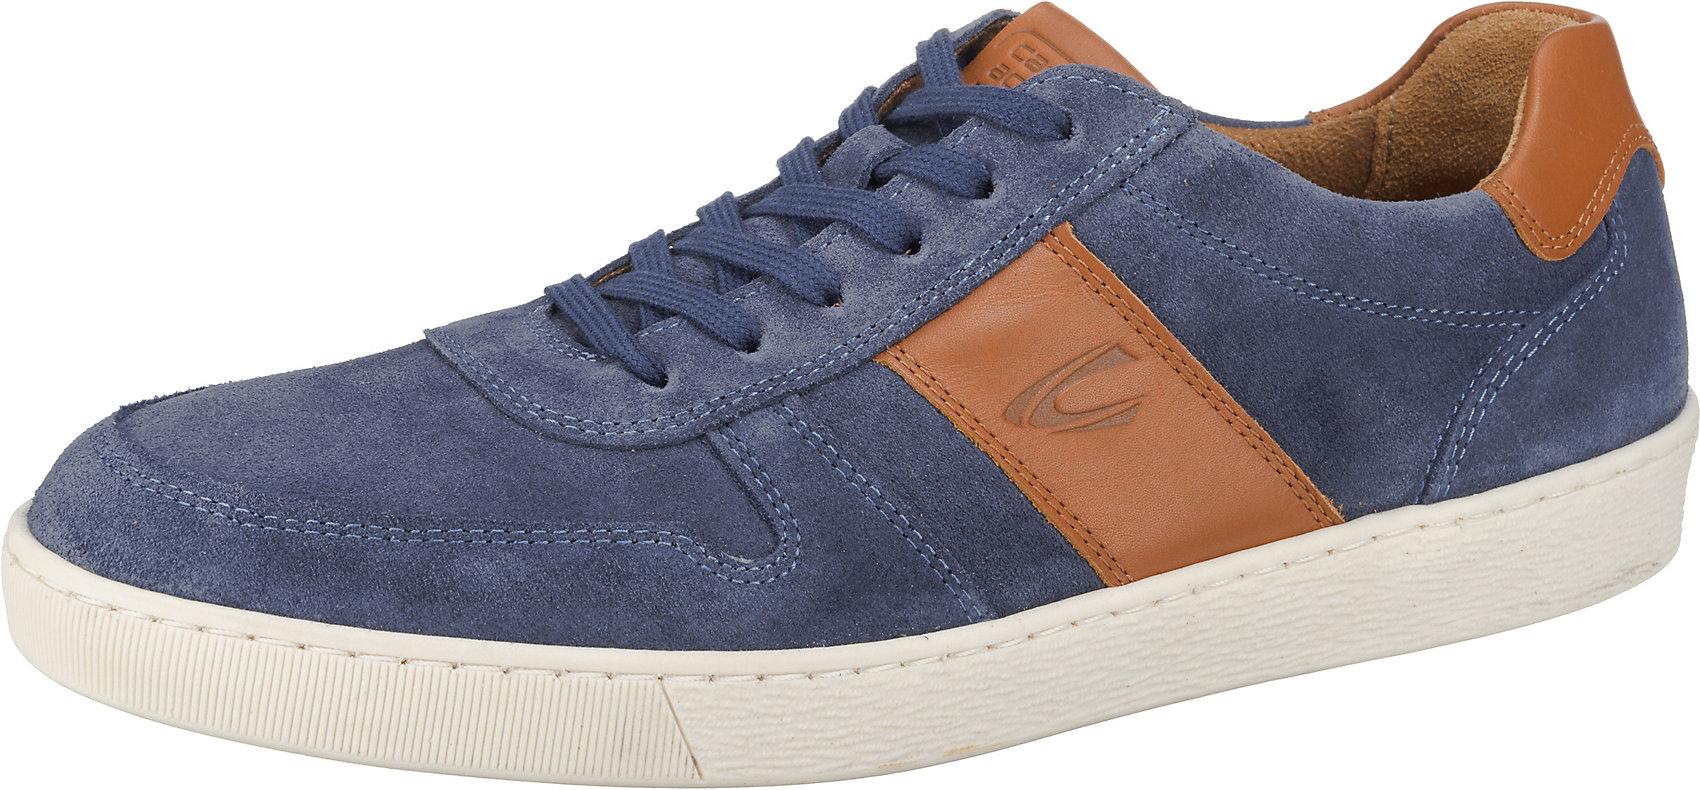 Details zu Neu camel active Tonic 12 Sneakers Low 10407617 für Herren